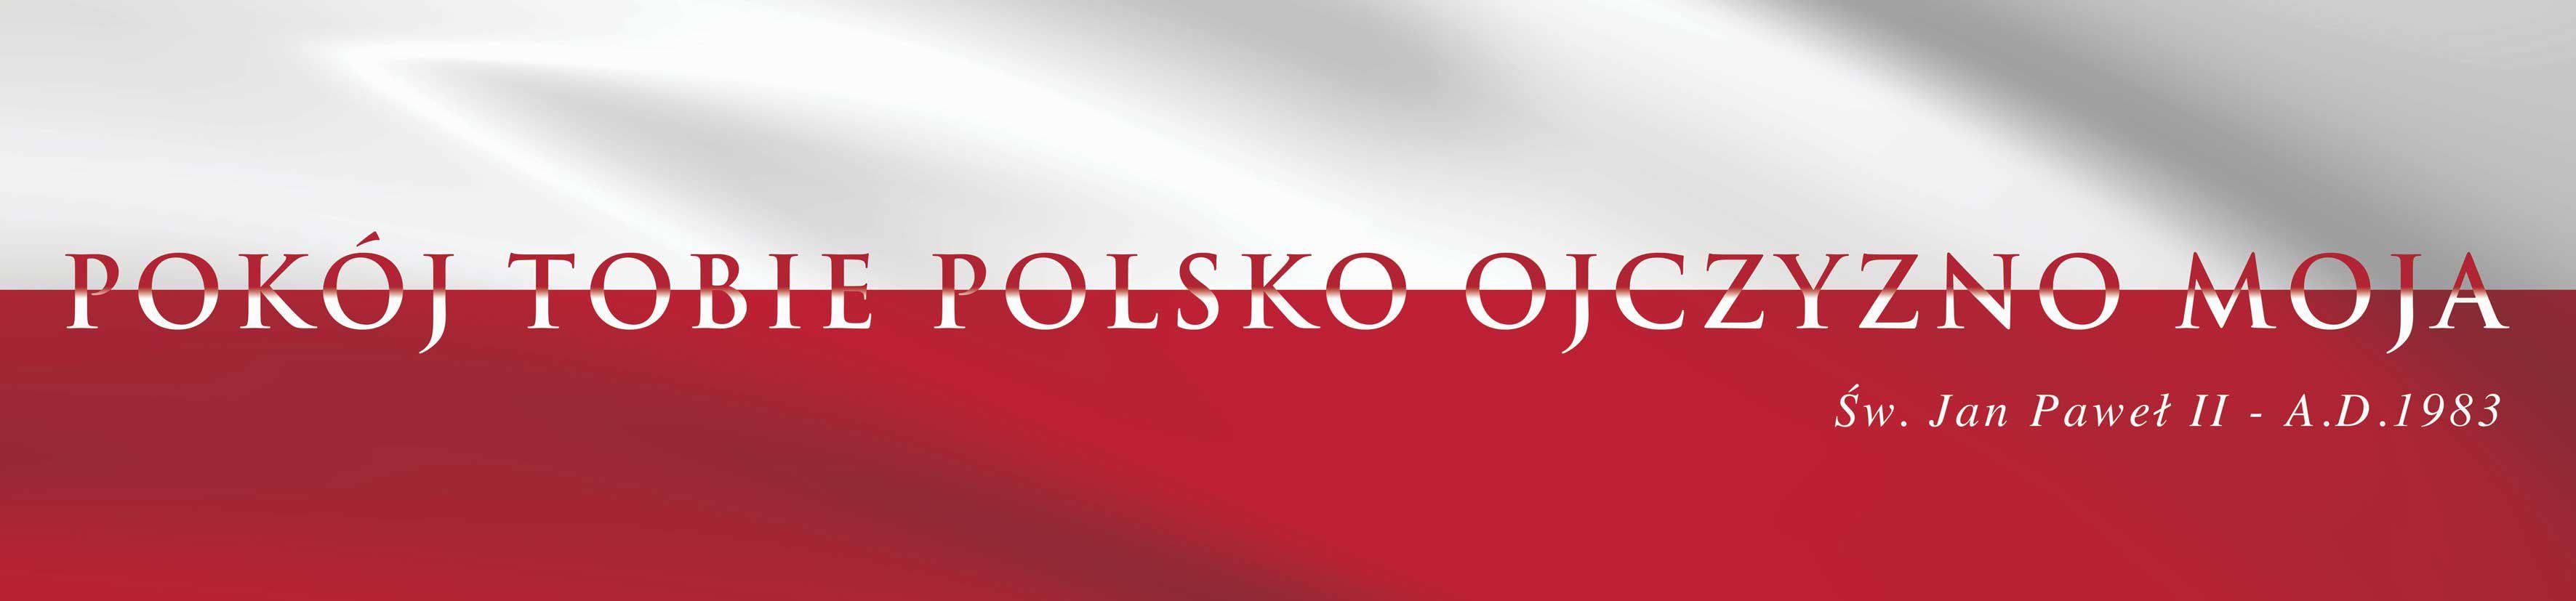 100-lecie odzyskania niedpoleglosci - baner patriotyczny